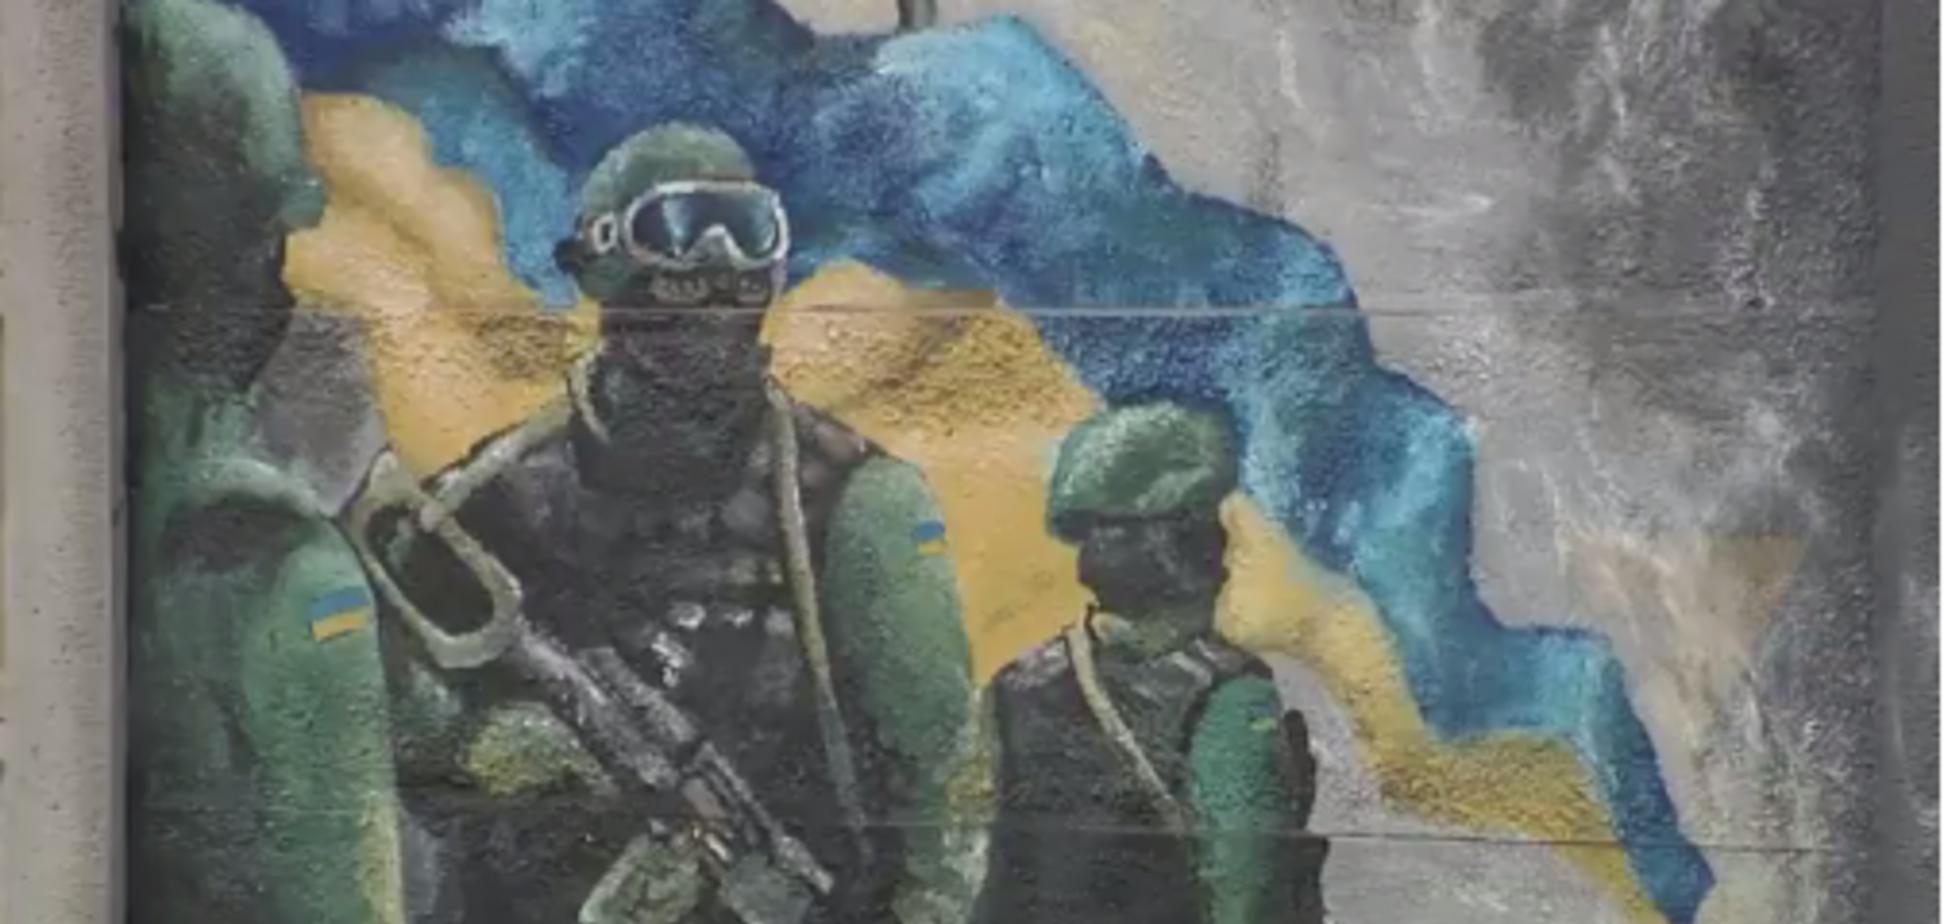 'Солдат рисует, служба идет': боец Нацгвардии создал арт-блокпост в прифронтовой зоне